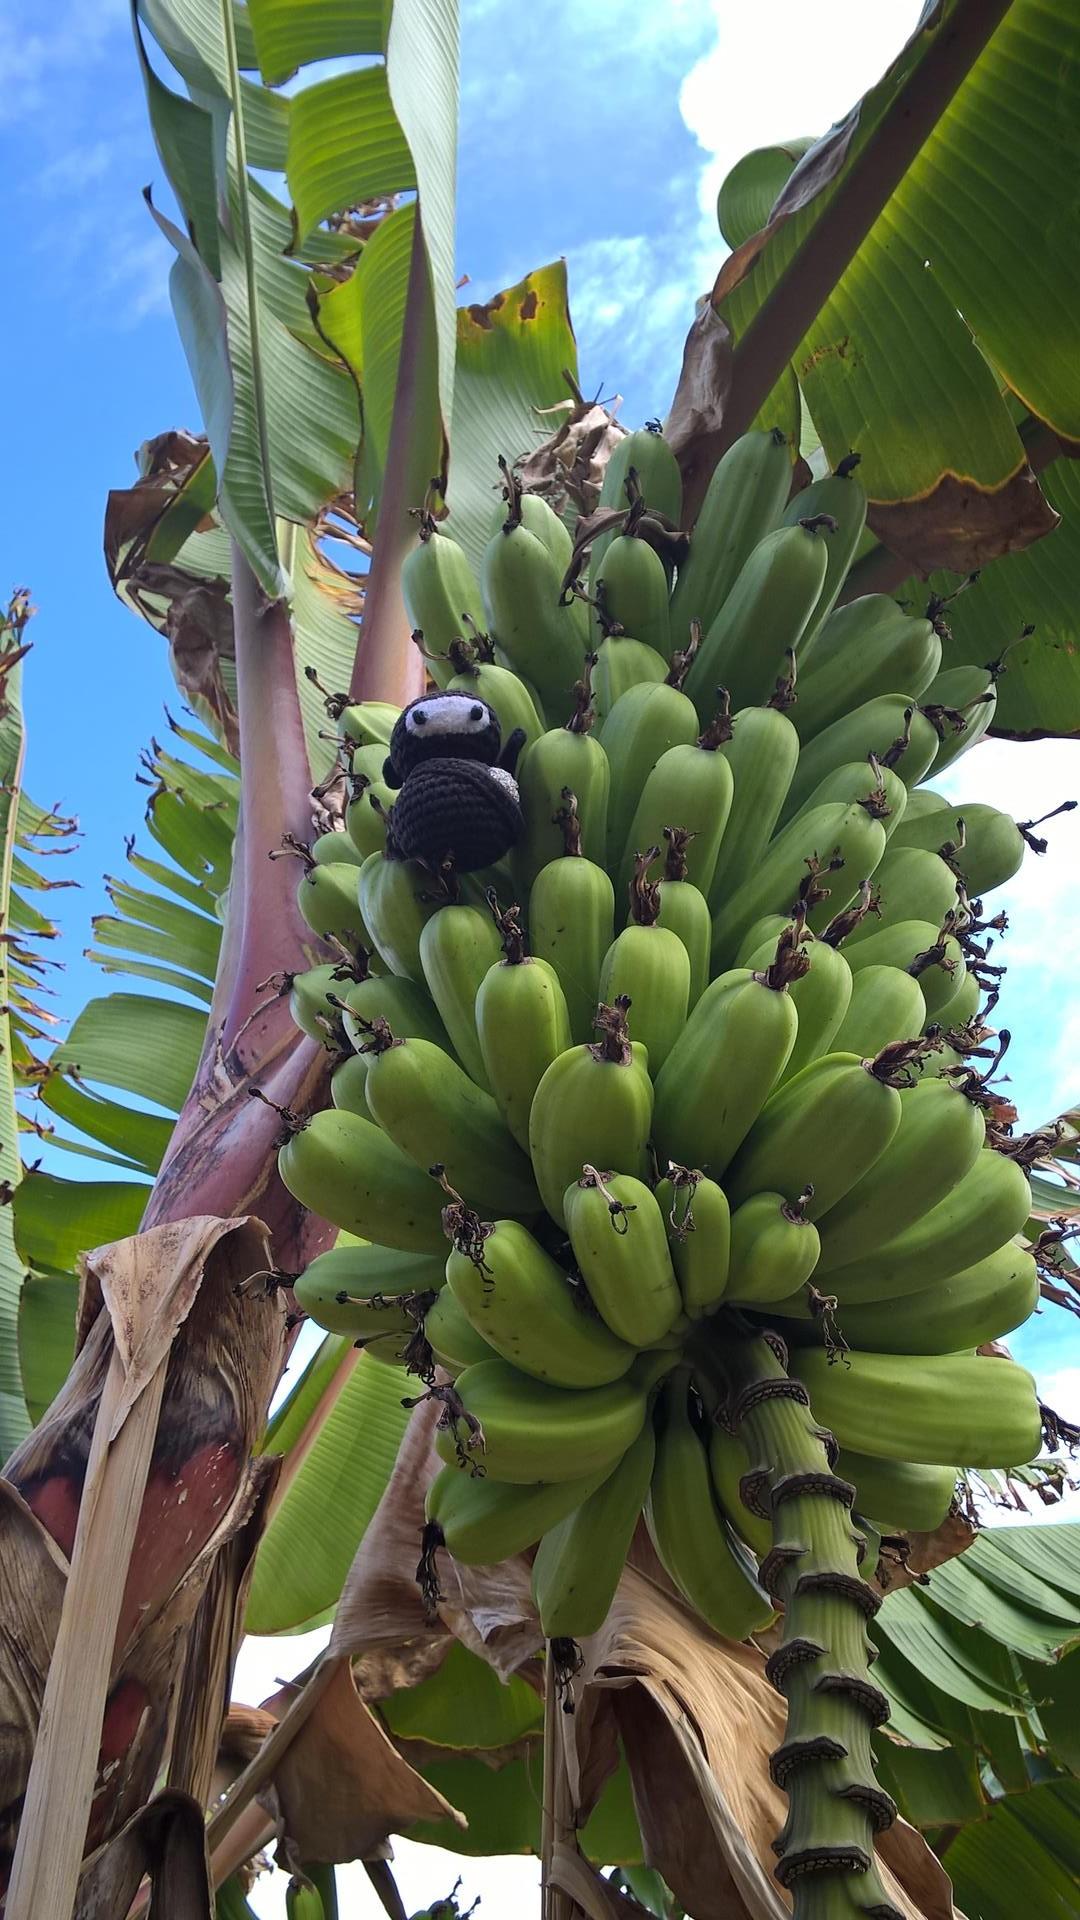 Hidden in the Banana: Ein Ninja kann in jegleicher Umgebung verschwinden